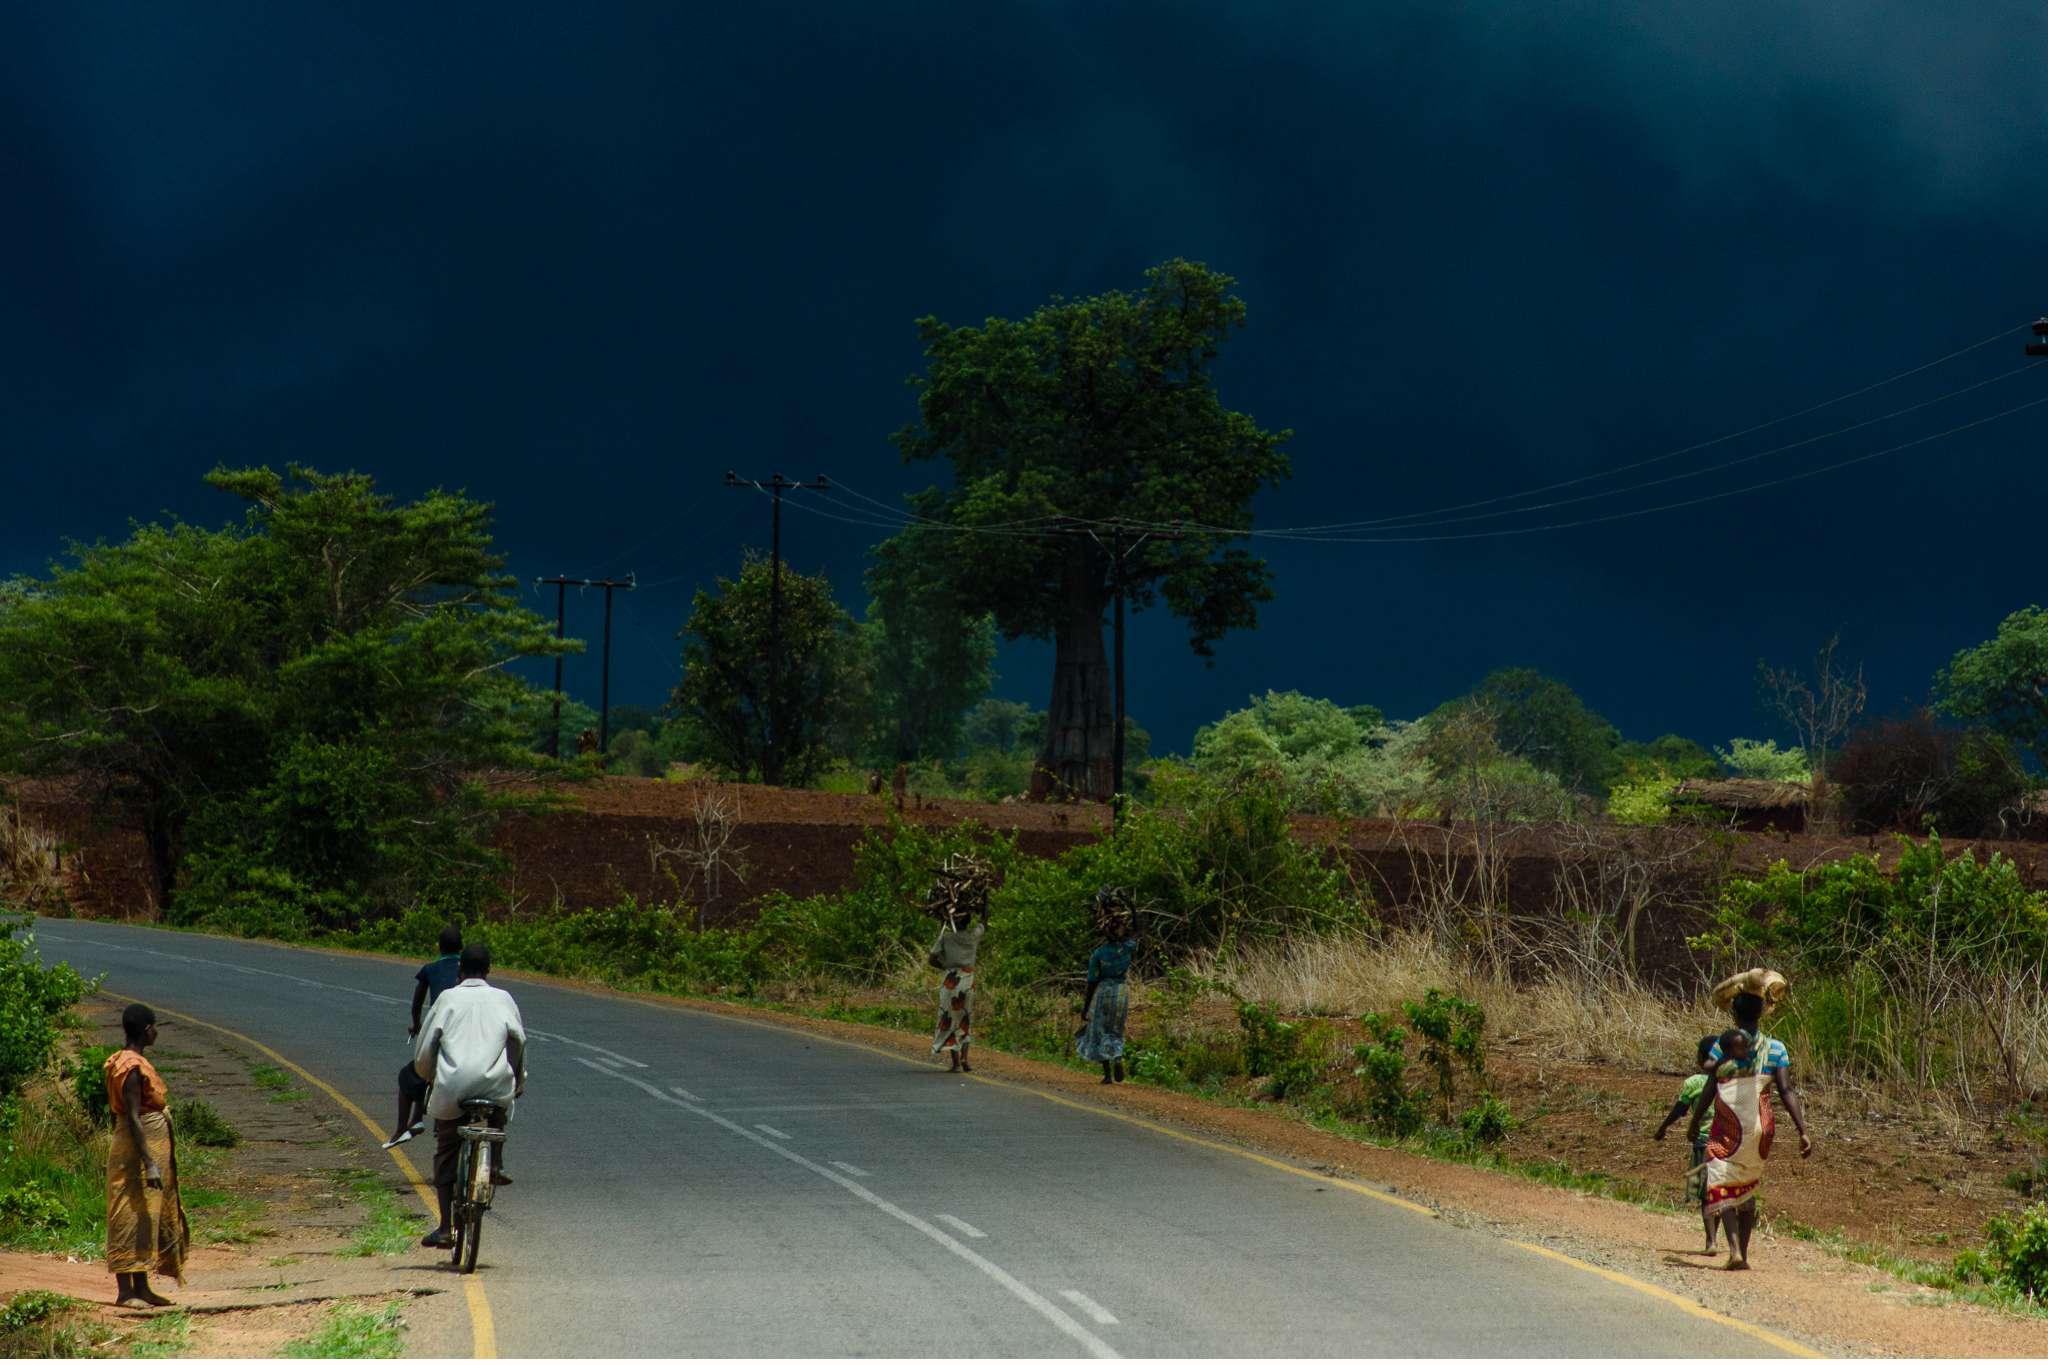 Malawi-Quer durch Afrika- Geschichten von unterwegs by Marion and Daniel-64